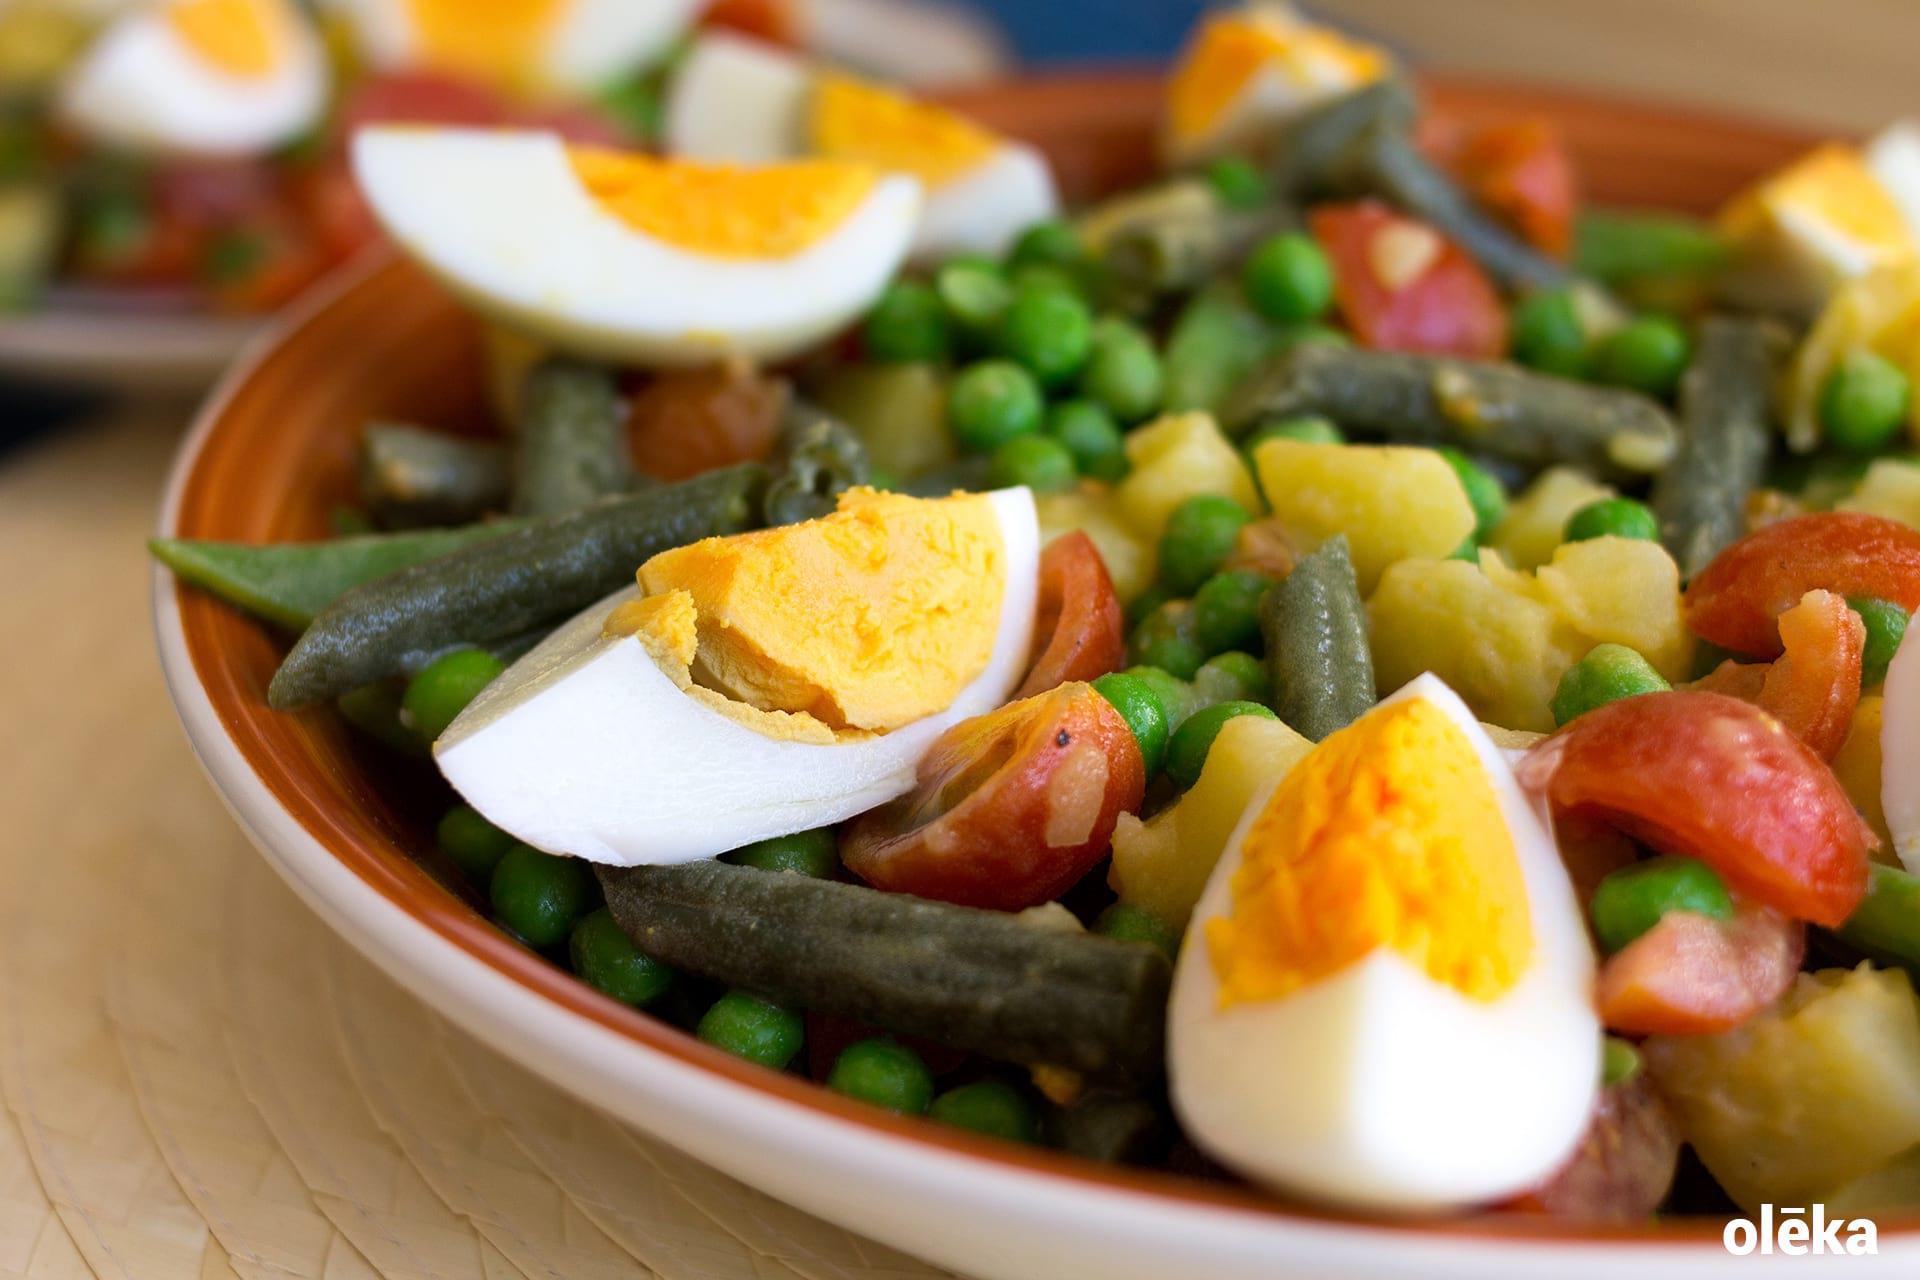 ensalada de judias tomate huevo